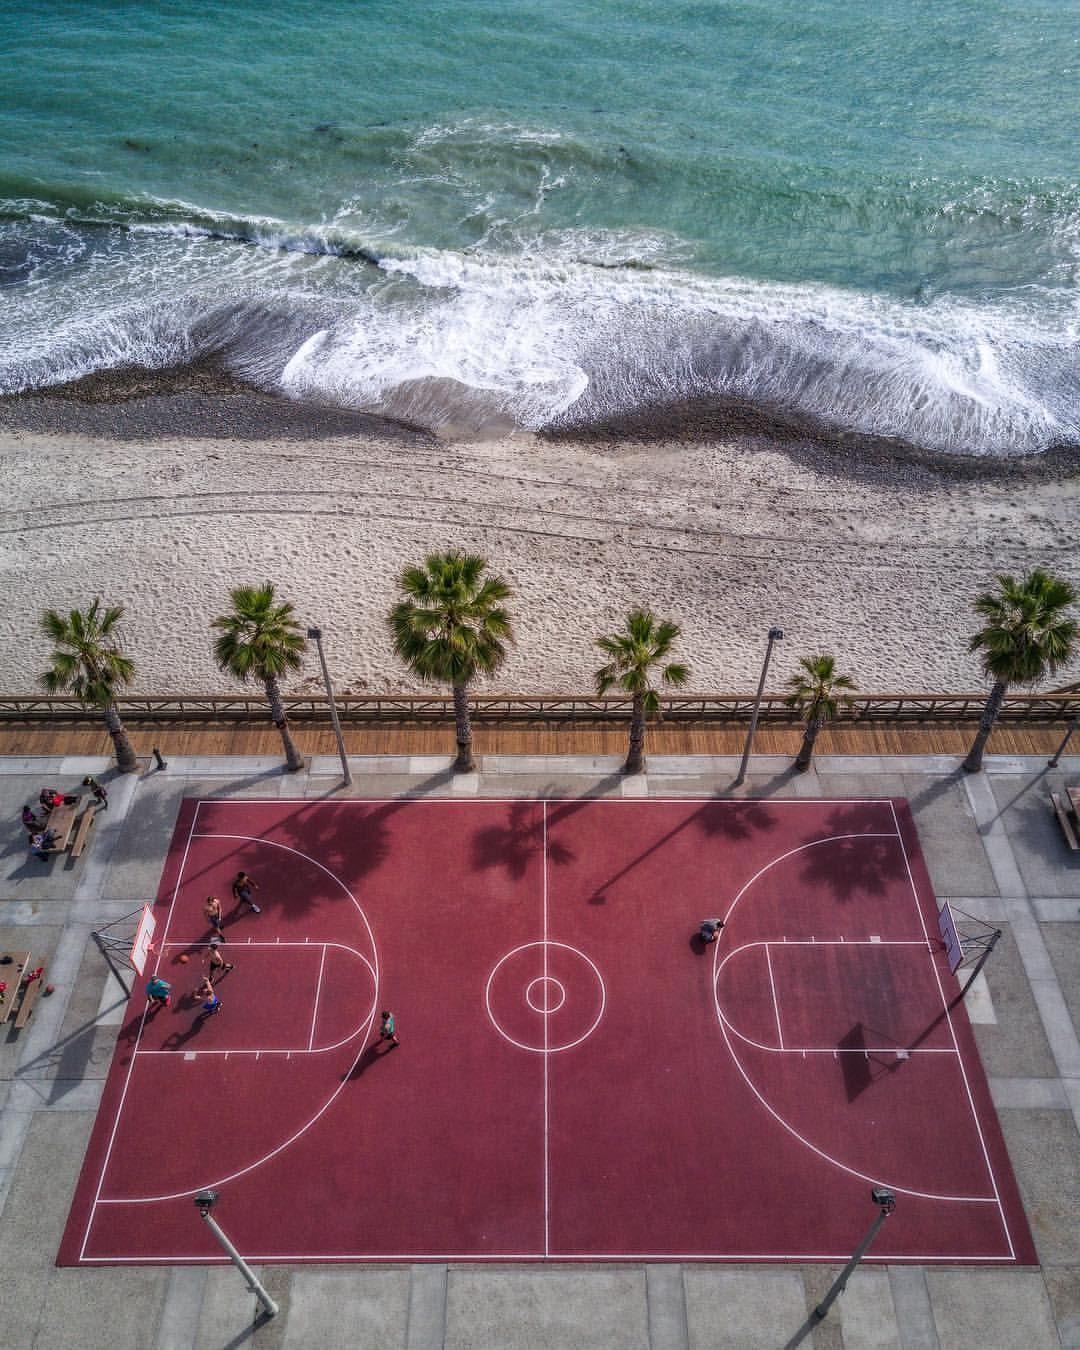 Beach Basketball Playground Seaside Basketball Tumblr Basketball Workouts Basketball Photography